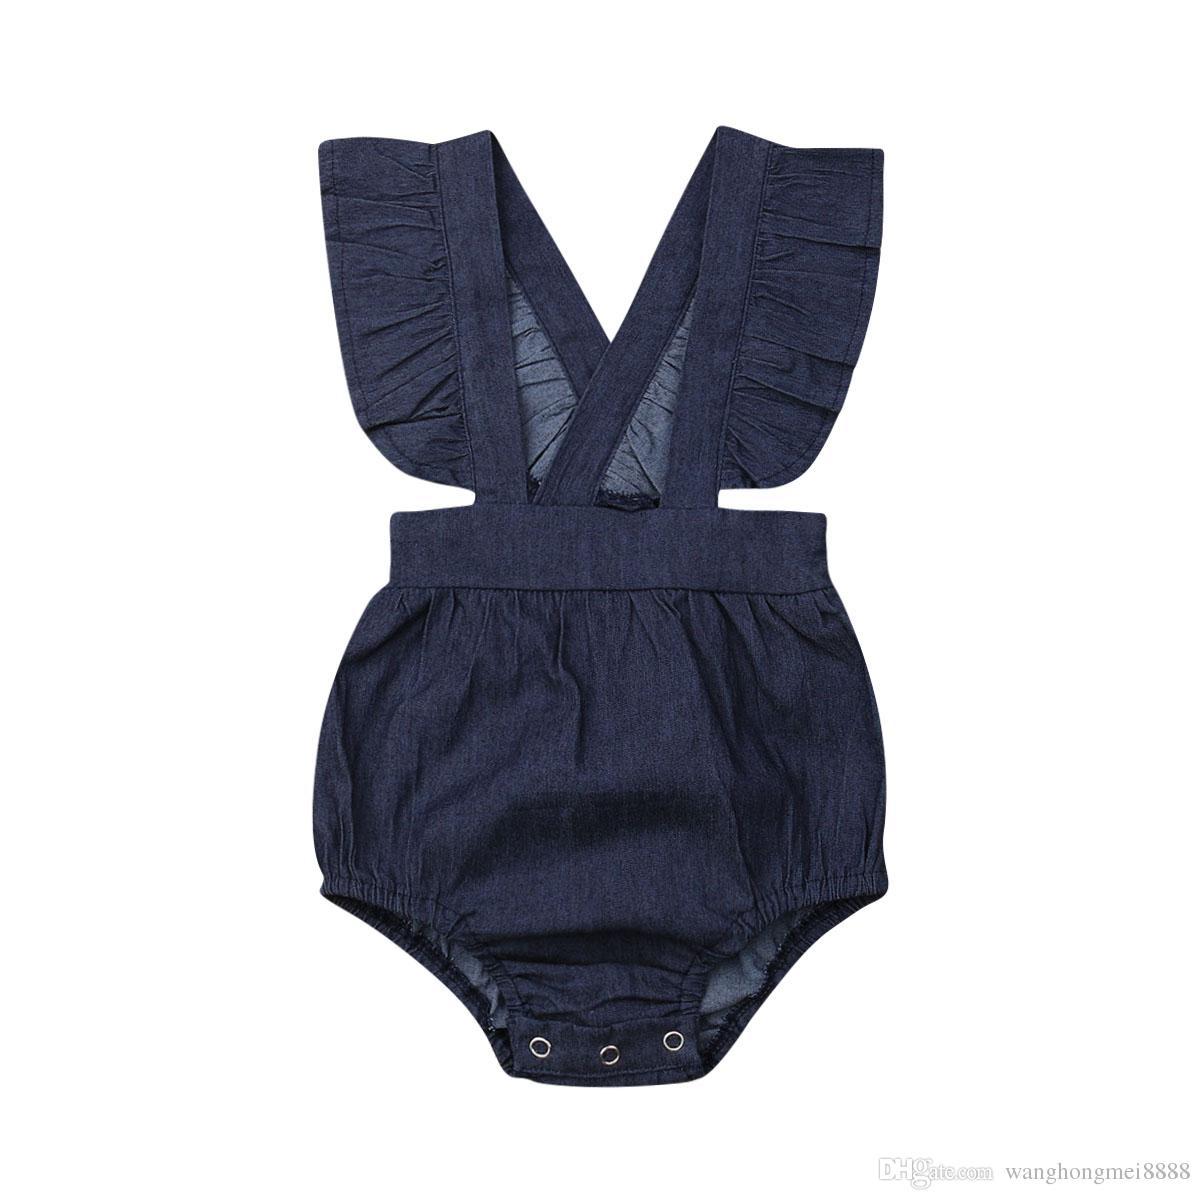 Neugeborenes Baby Kleidung 2019 Neue Sommer Blue Denim Bodysuit Fashion Sleeveless Rüschen Overalls Einteiliges Sommer Outfit 0-24M